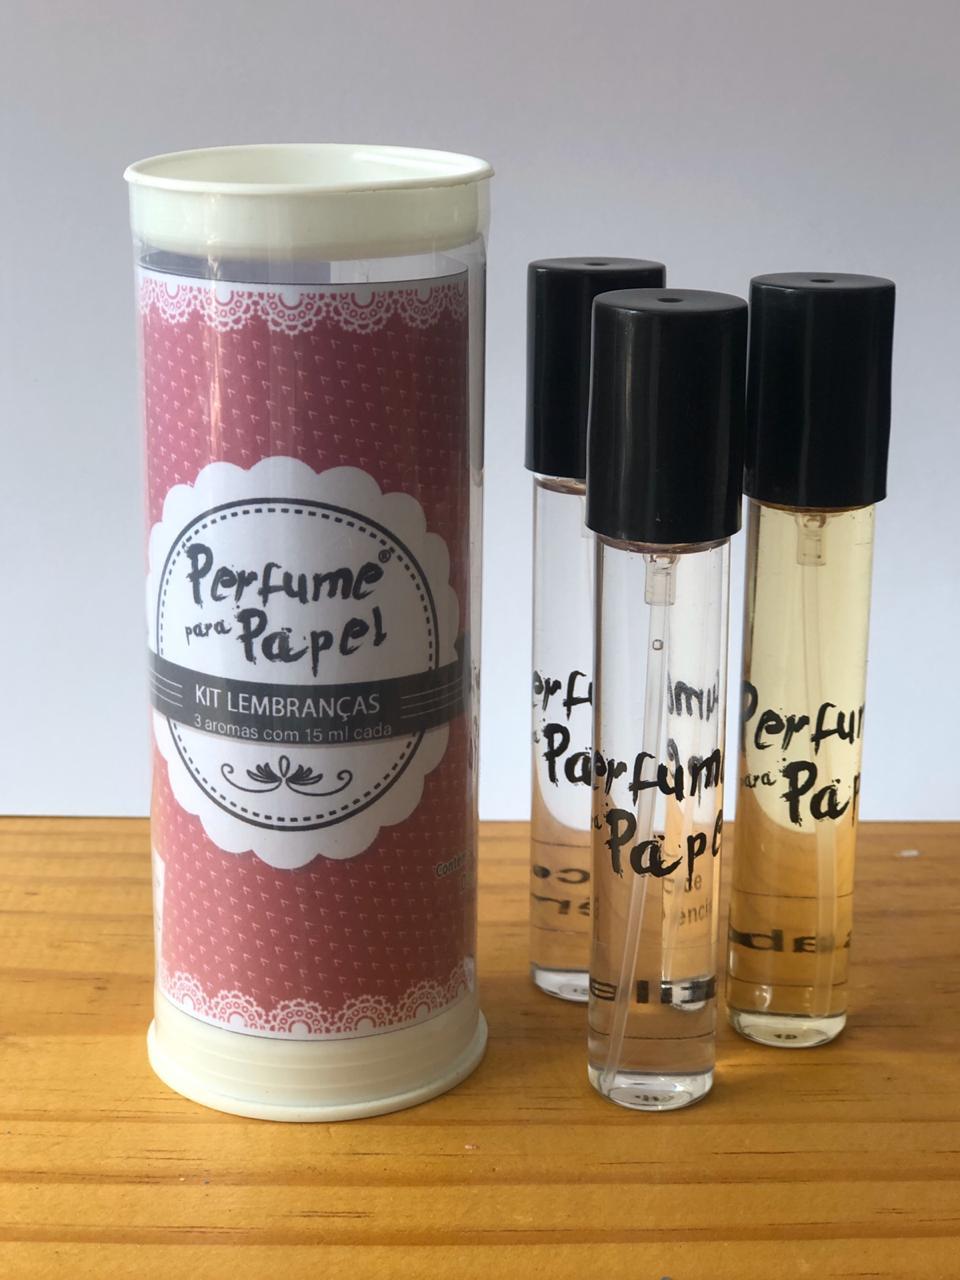 Perfume para papel com 3 aromas (15 ml cada) - Gabriela, Gentileza, Doce Inocência (Kit Lembranças|PP1561)